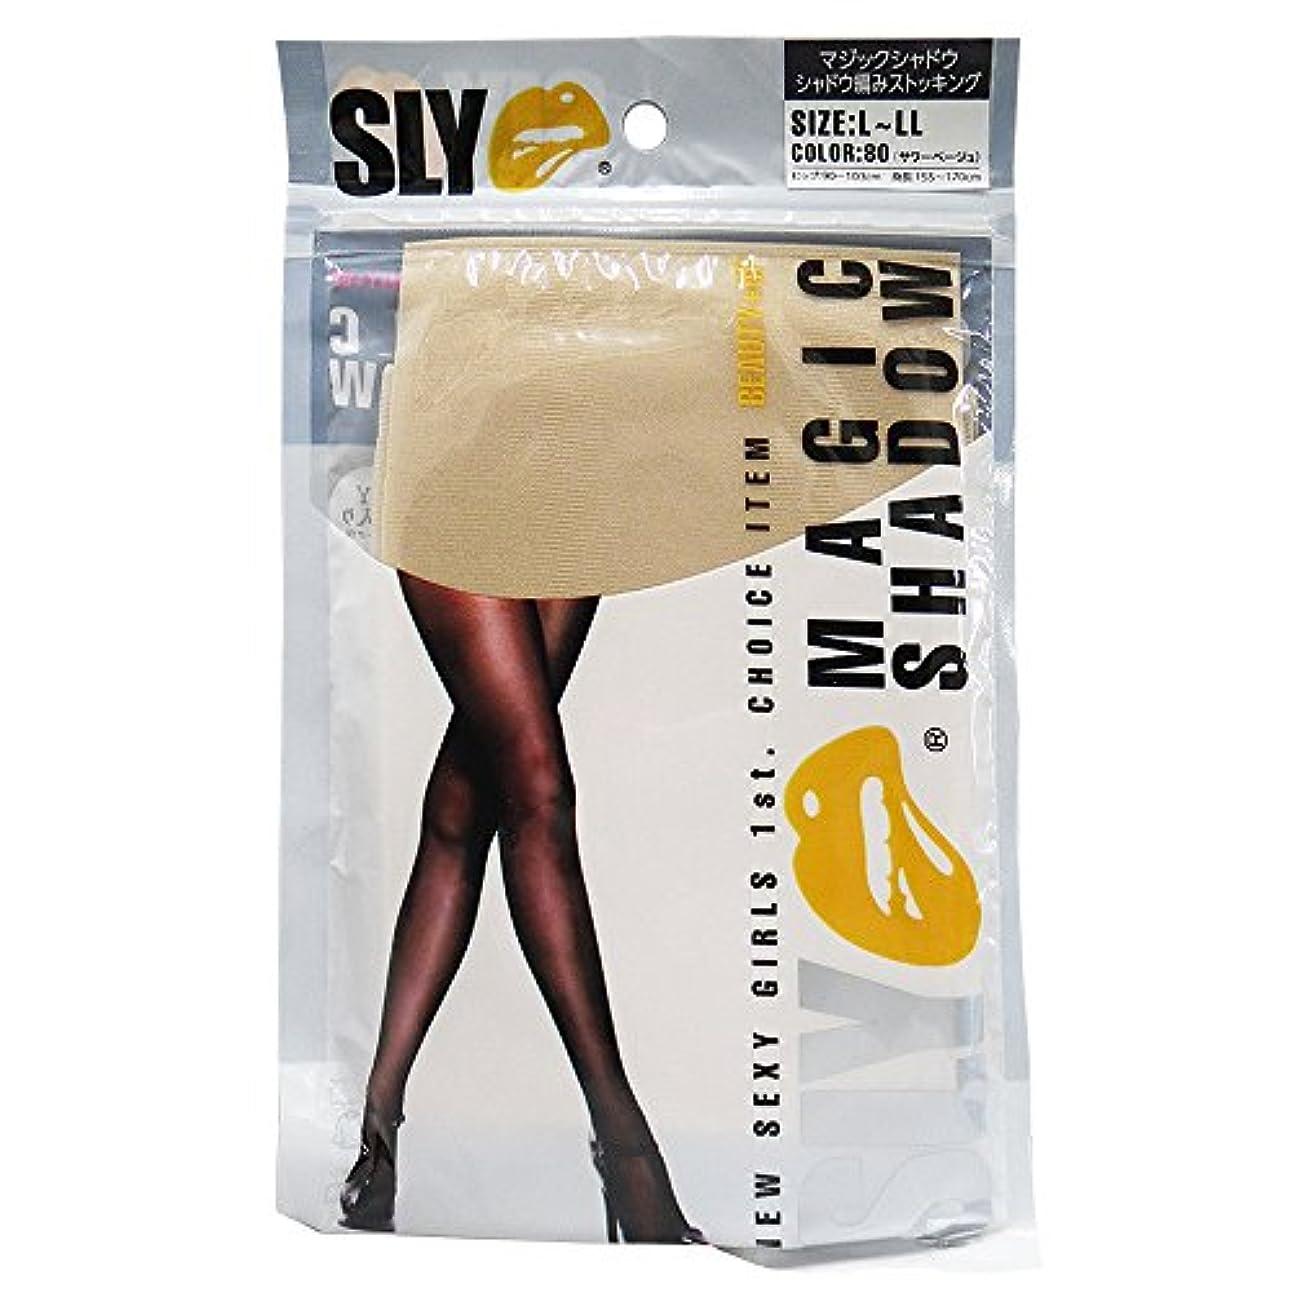 砂山靴下 SLYマジックシャドウ シャドウ編みストッキング サワーベージュ(80)L-LL